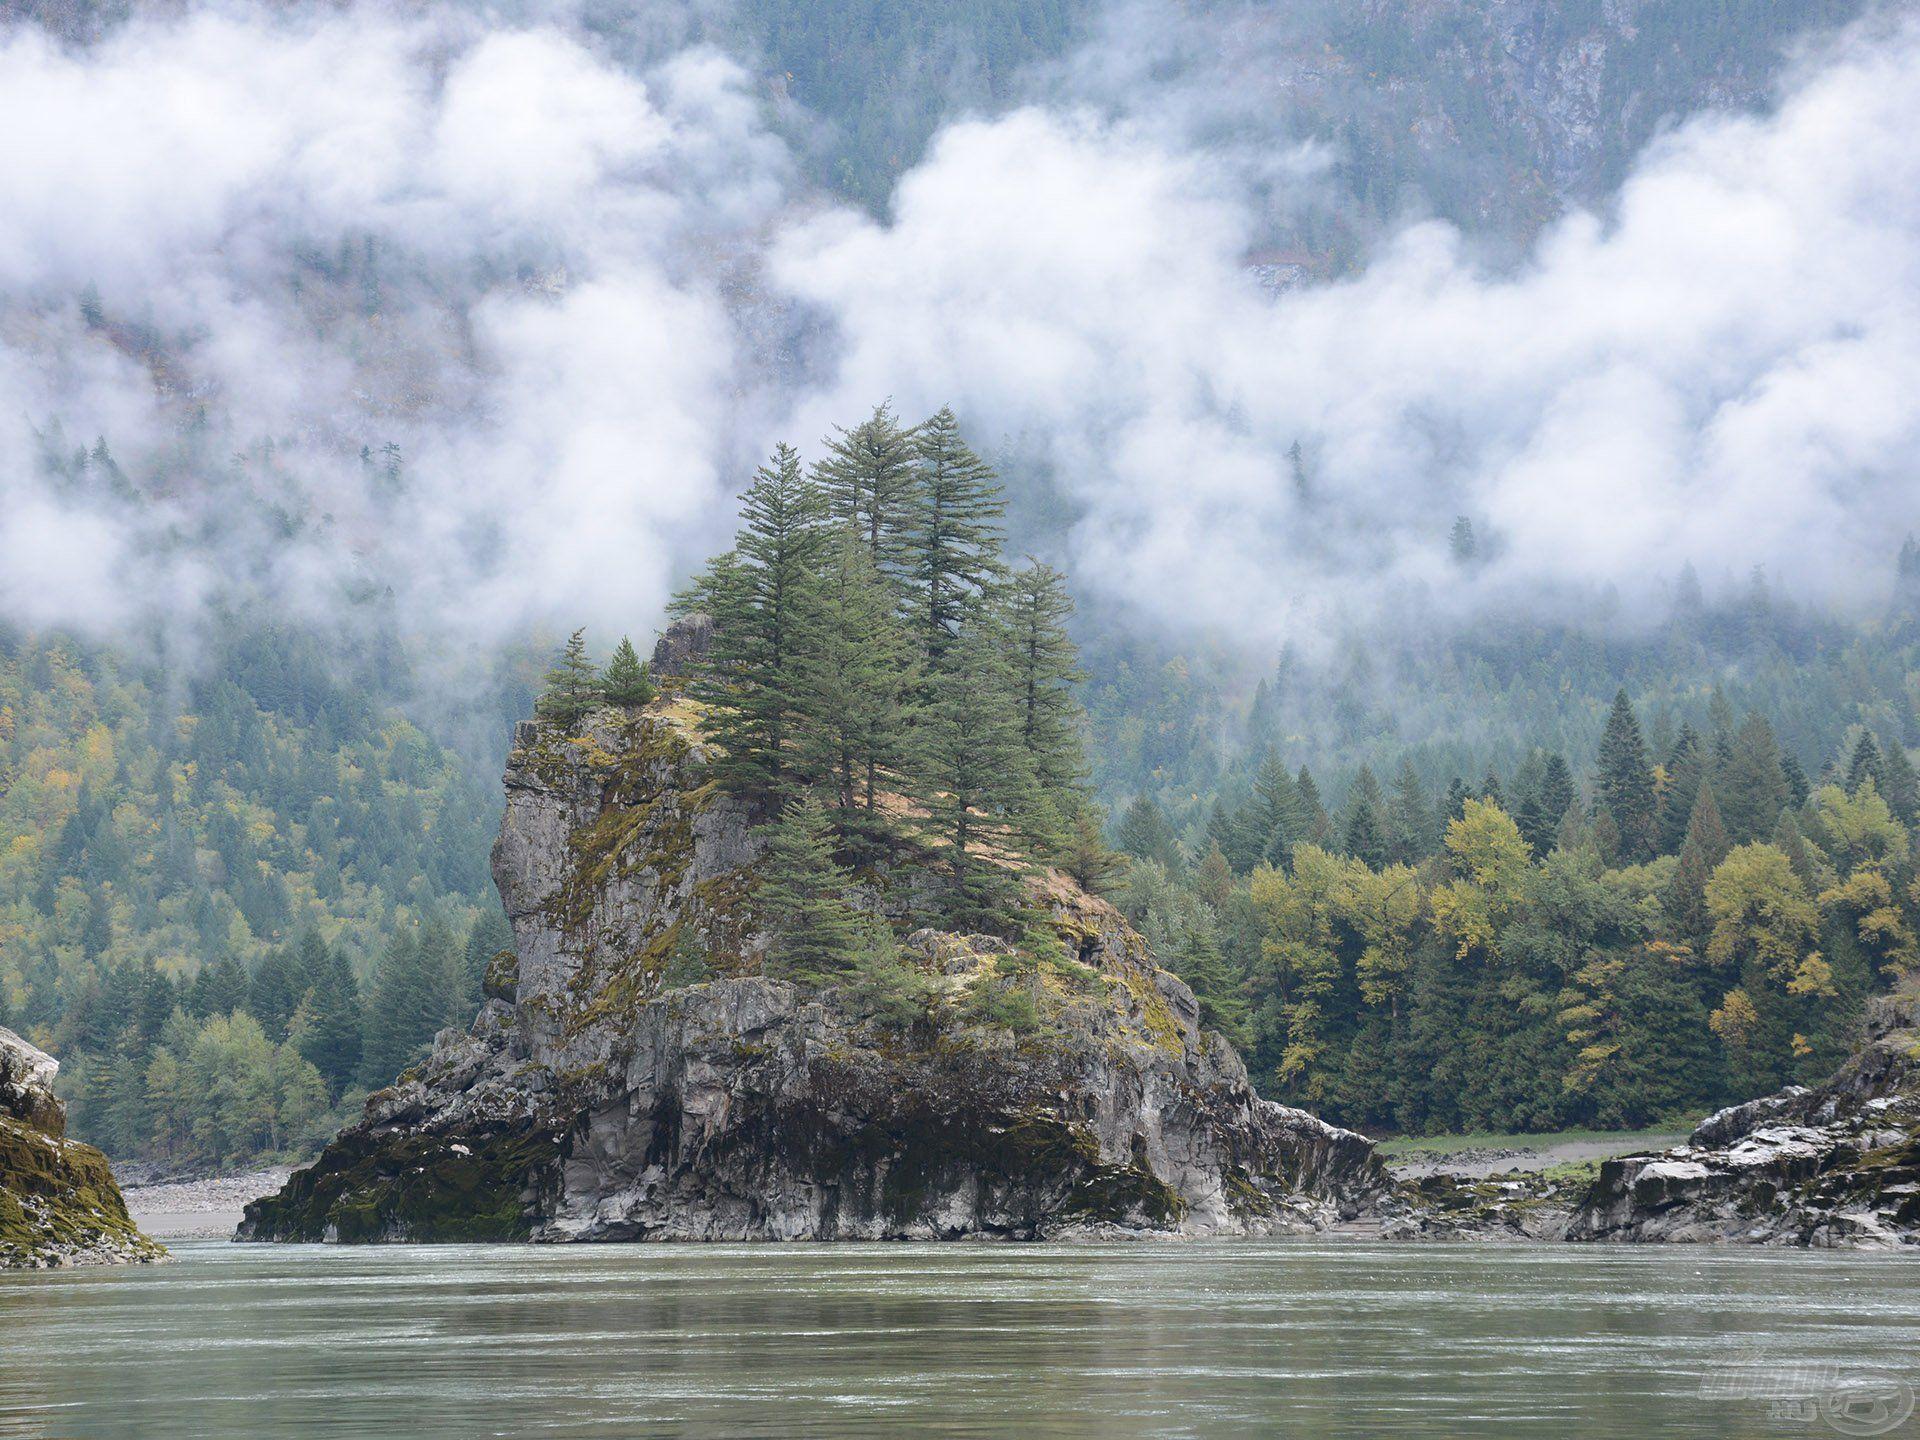 Ez a sziklasziget vajon mennyi vizet látott már? Hány tok állt meg mögötte? Úgy eltörpül az ember, az emberöltő a természet nagysága és az időfaktor alatt